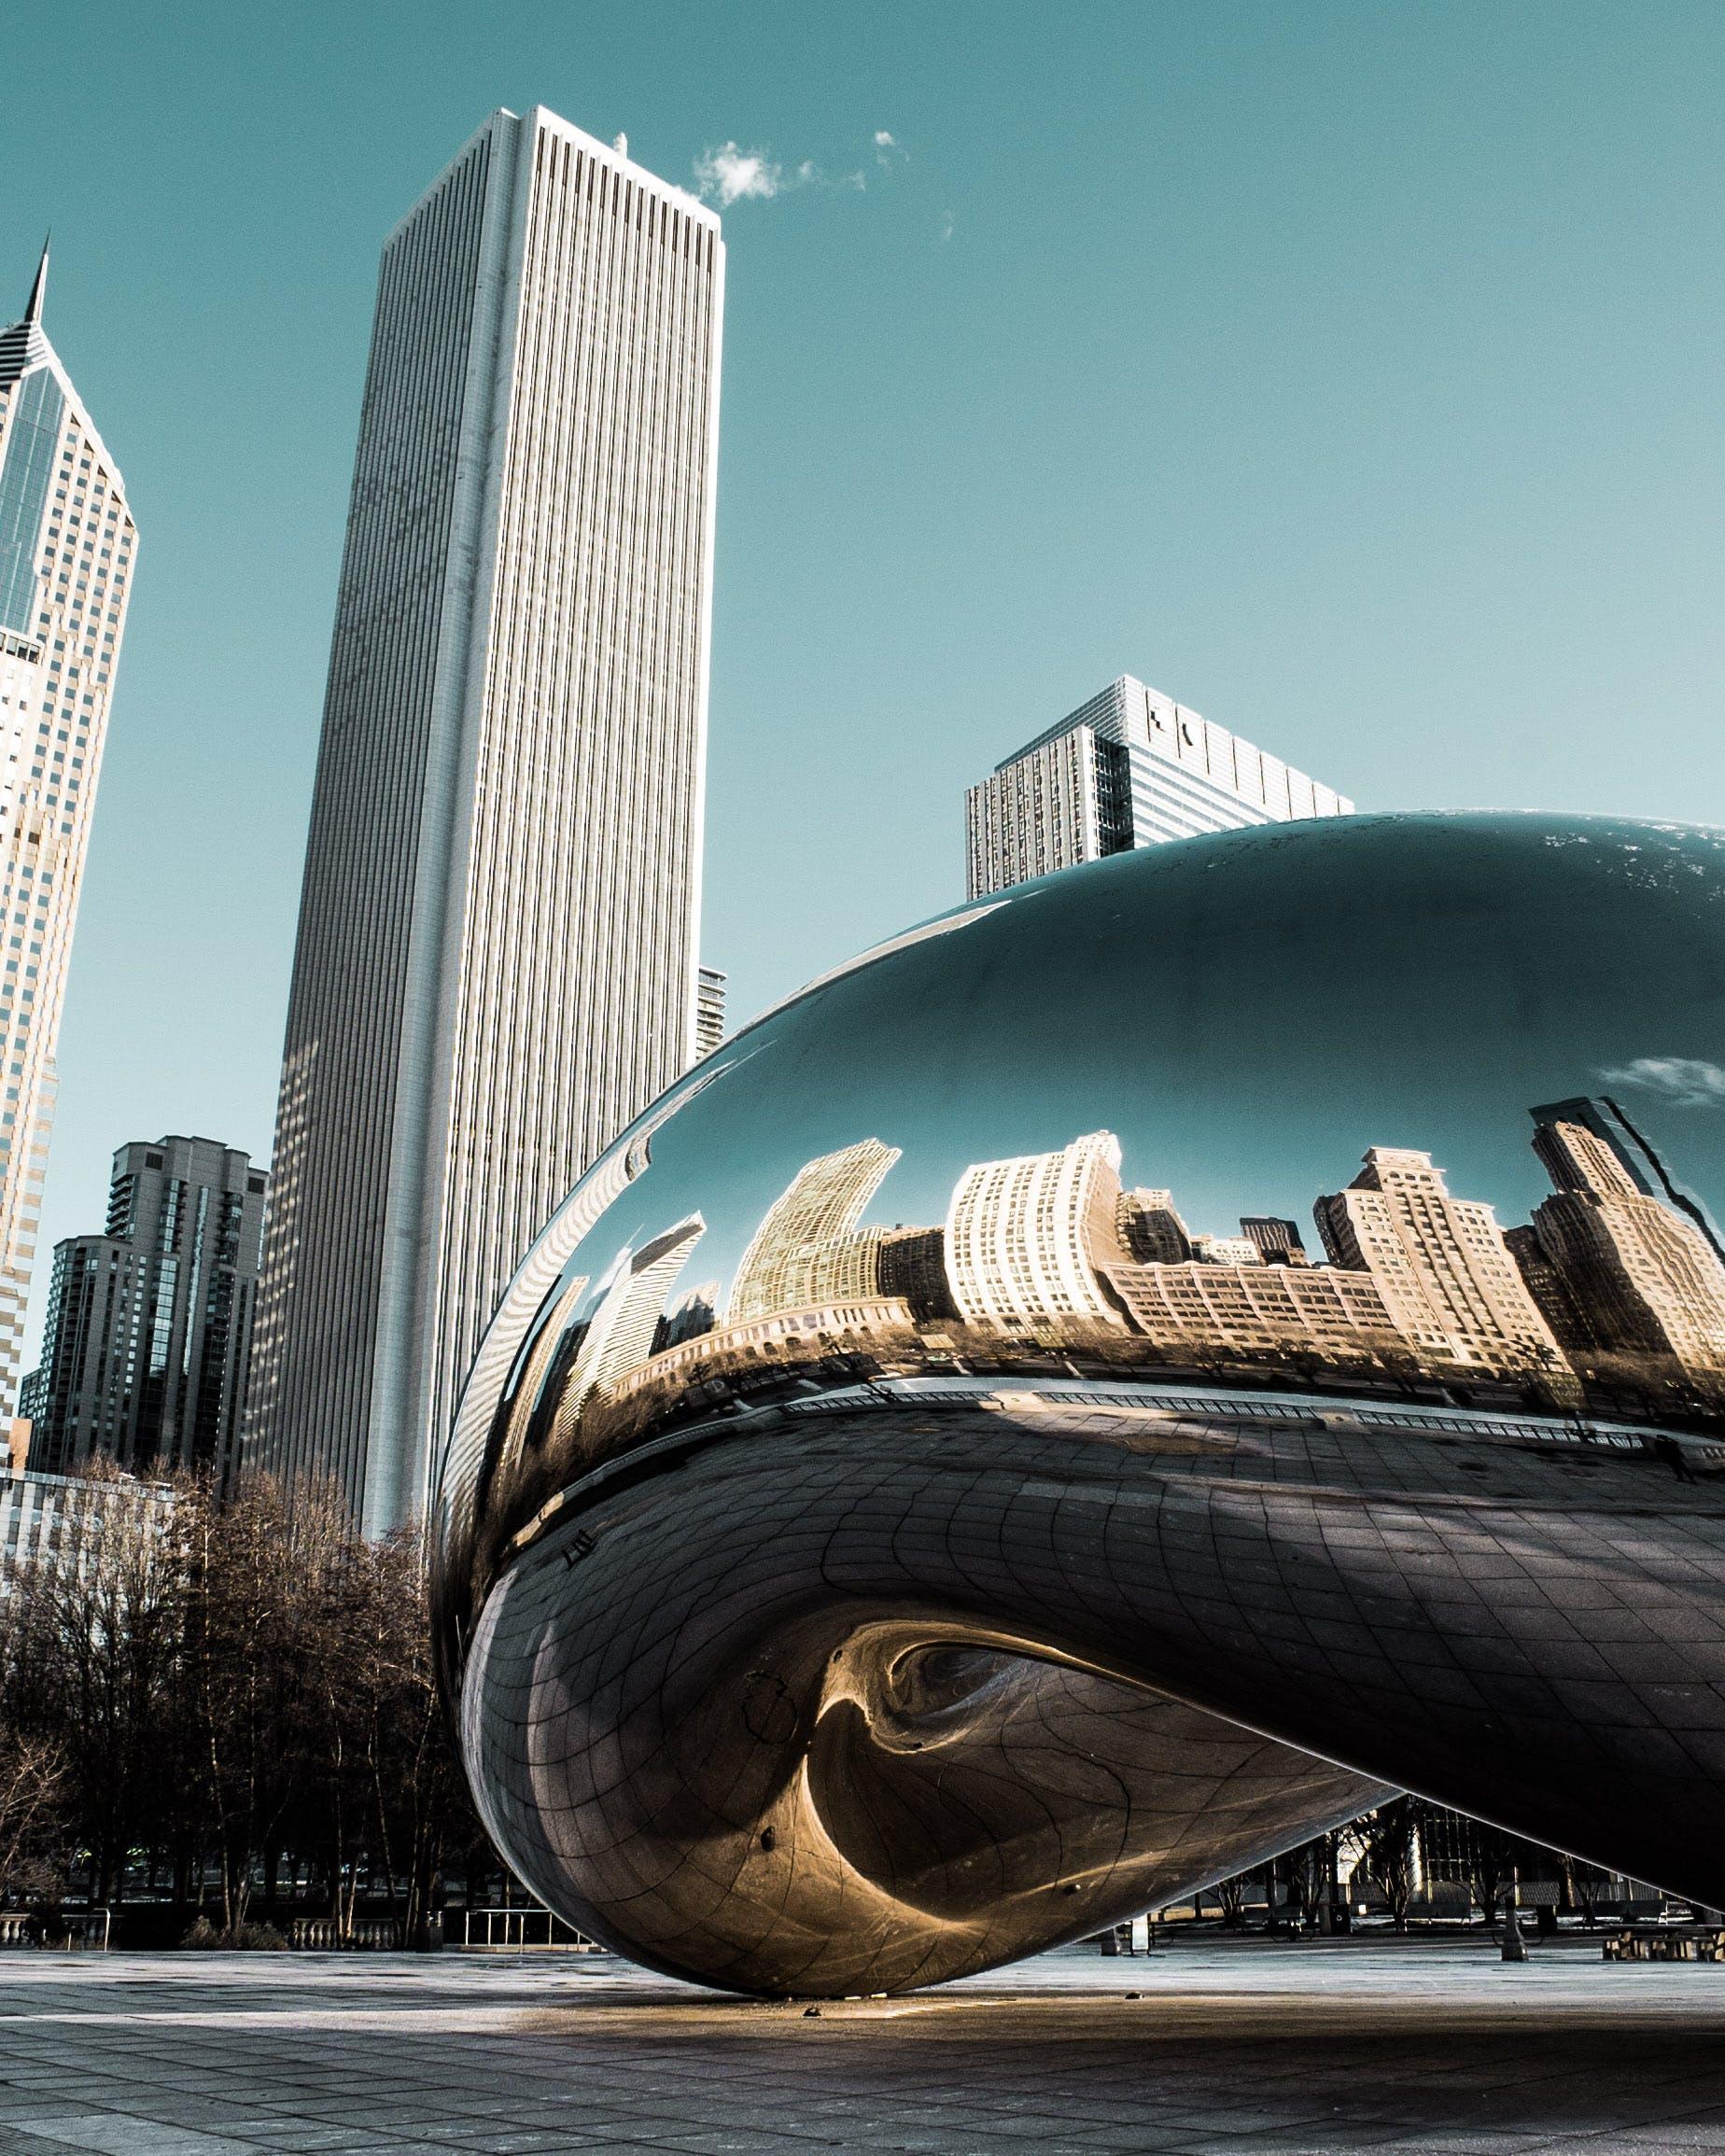 abstrakte kunst, architektur, architekturdesign